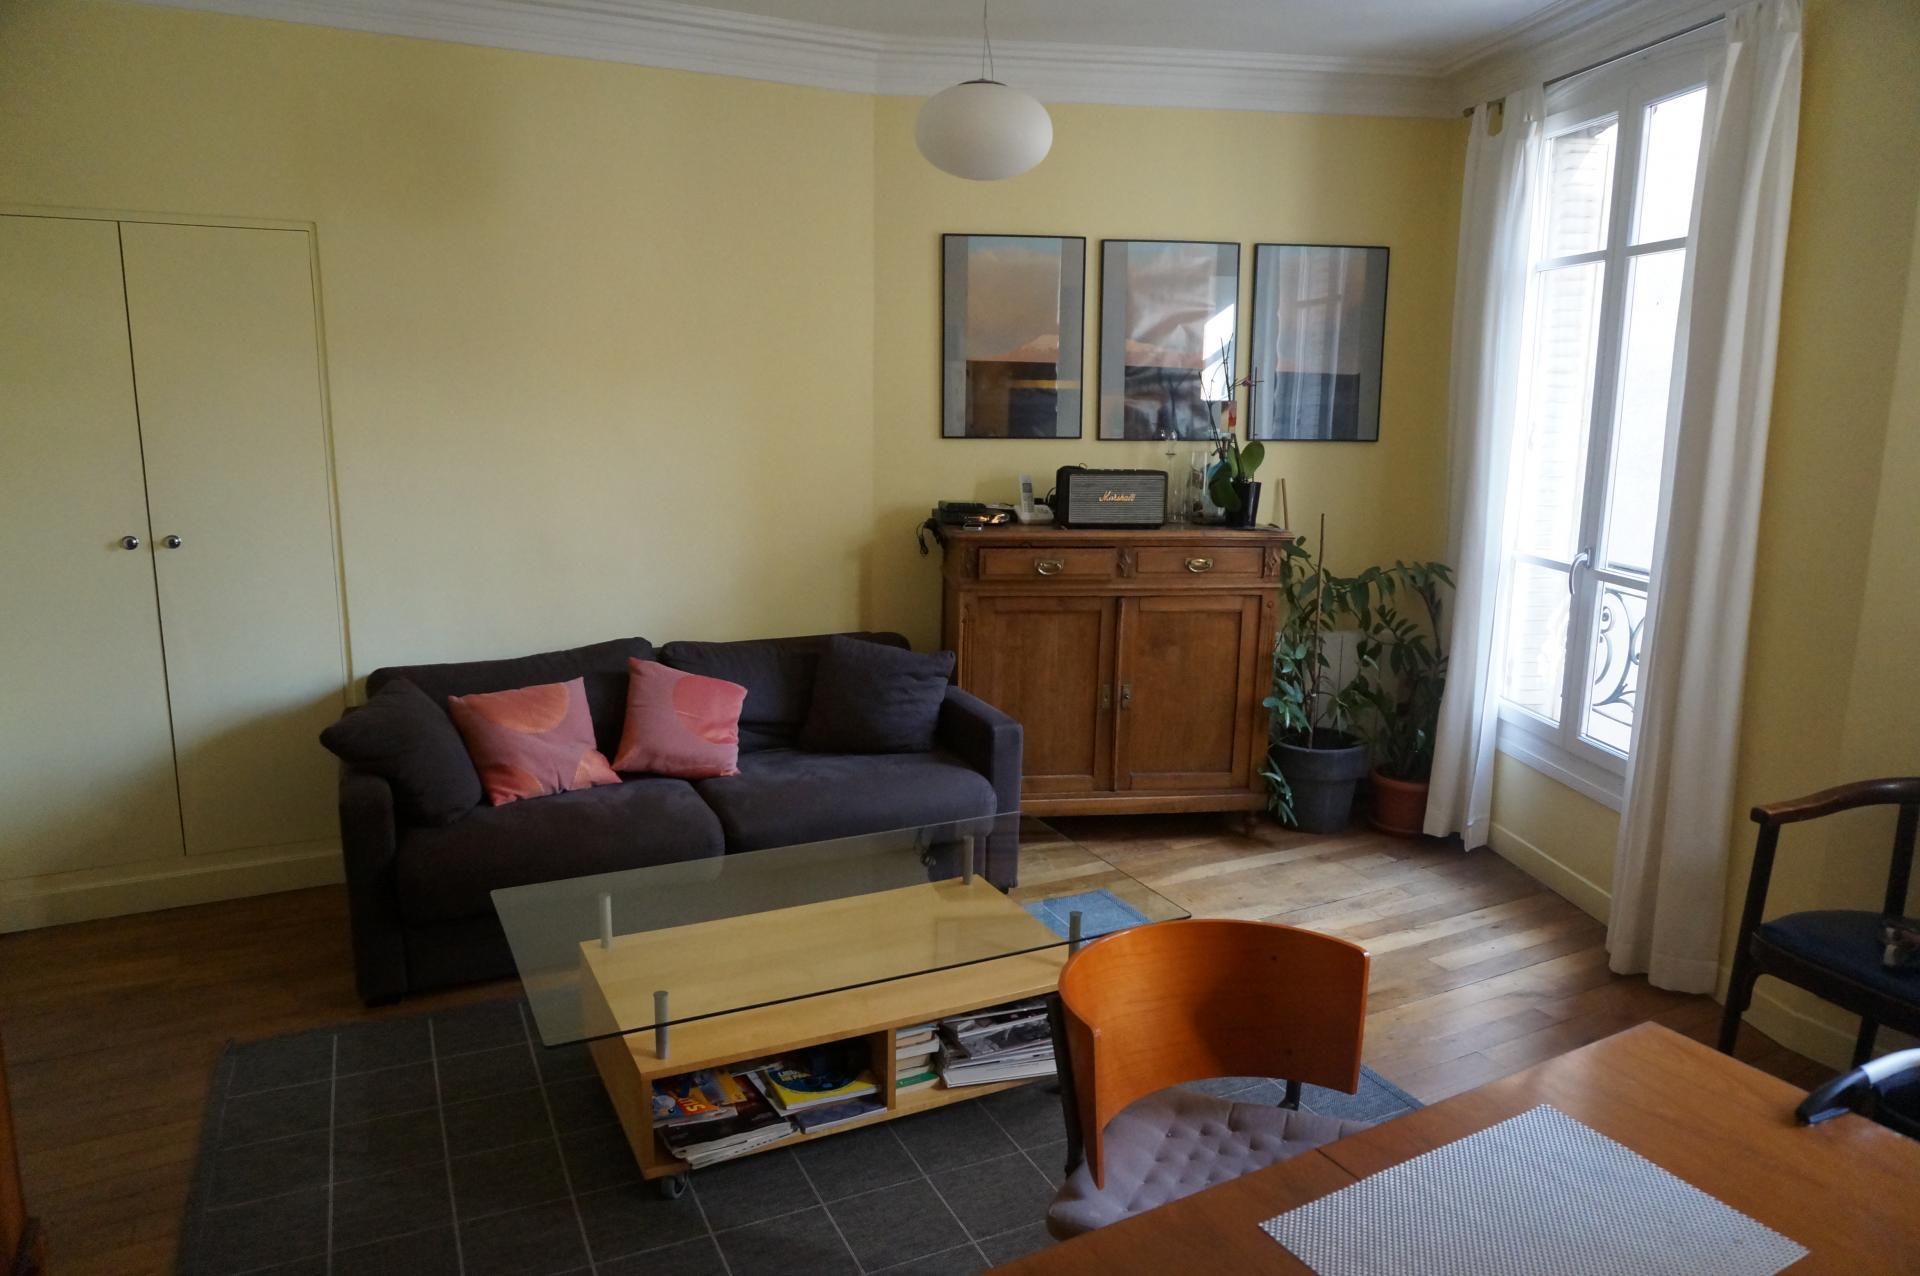 VENTE - Appartement (T2) d'une surface carrez de 44,54 m2 - Rue Navier Paris 17ème